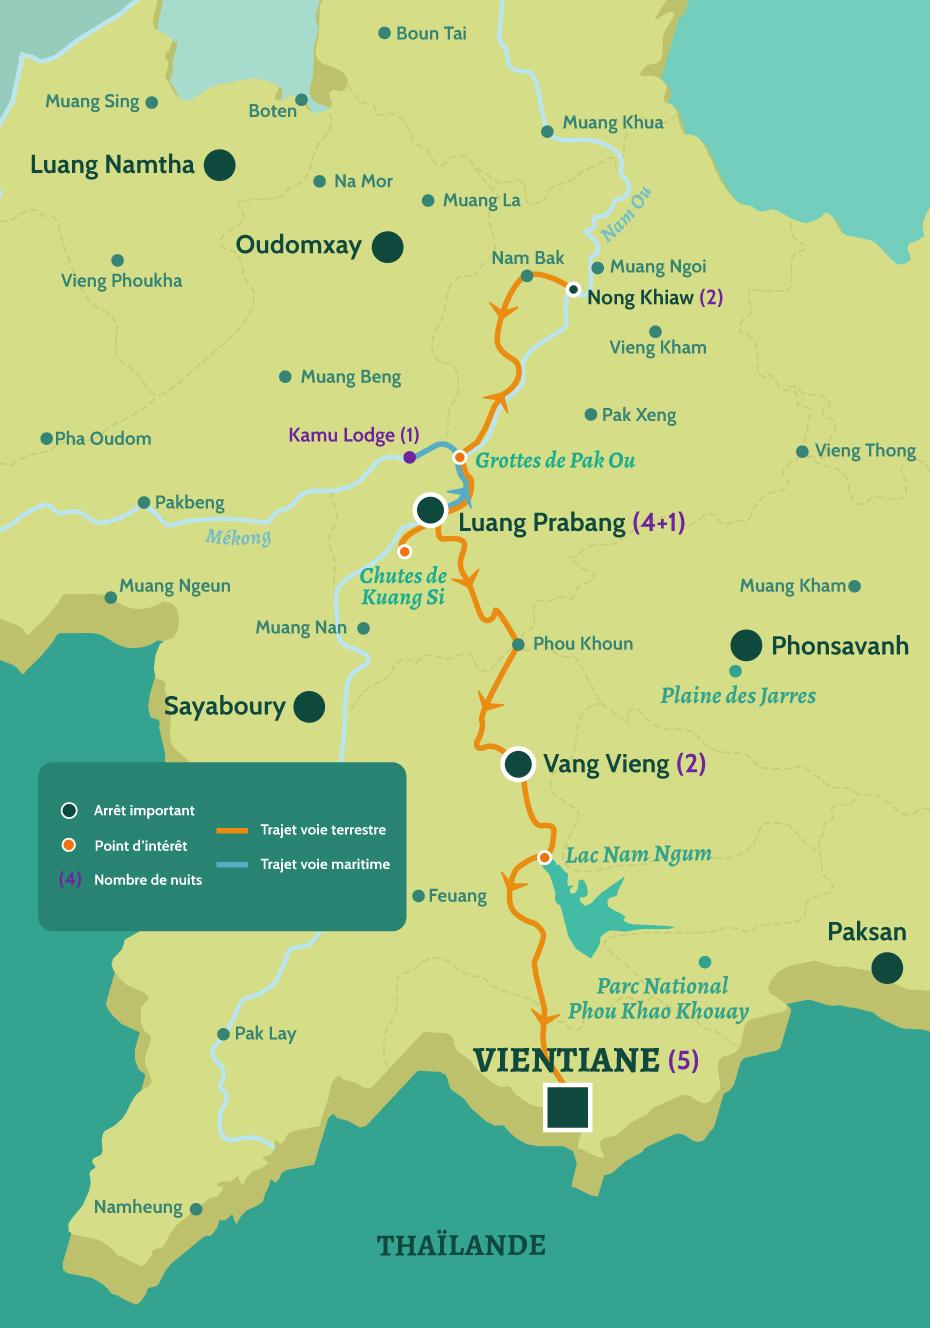 Carte du Laos circuit le Laos en famille. De Luang Prabang aux grottes de Pak Ou et les chutes de Kuang Si. Puis de Vang Vieng au Lac Nam Ngum jusqu'à Vientiane.